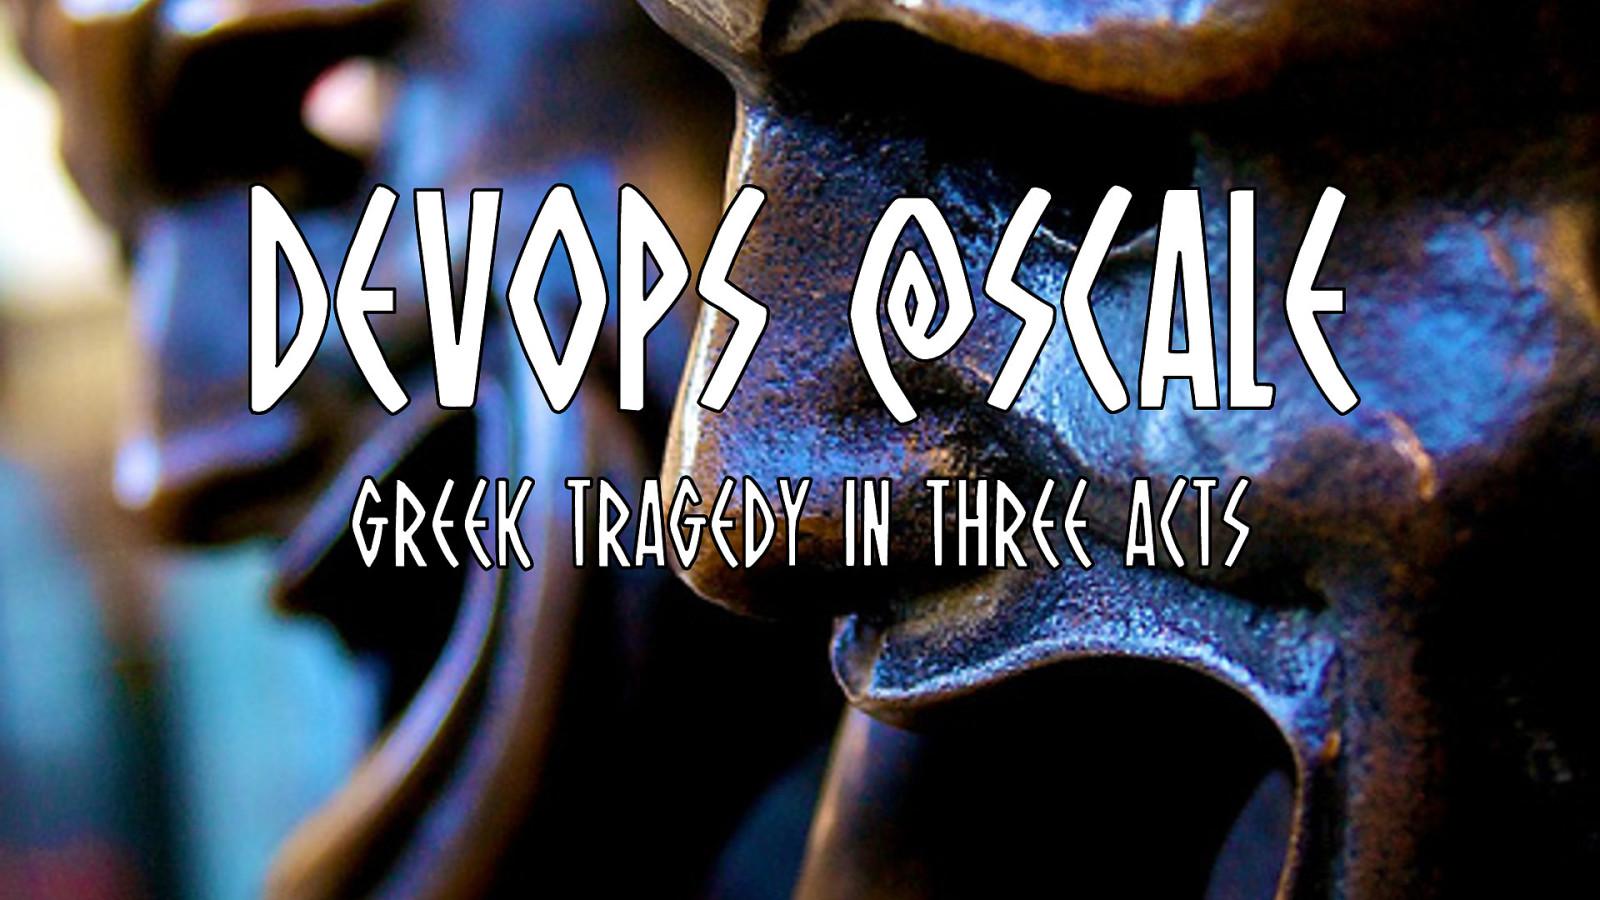 DevOps @Scale (Greek Tragedy in 3 Acts)